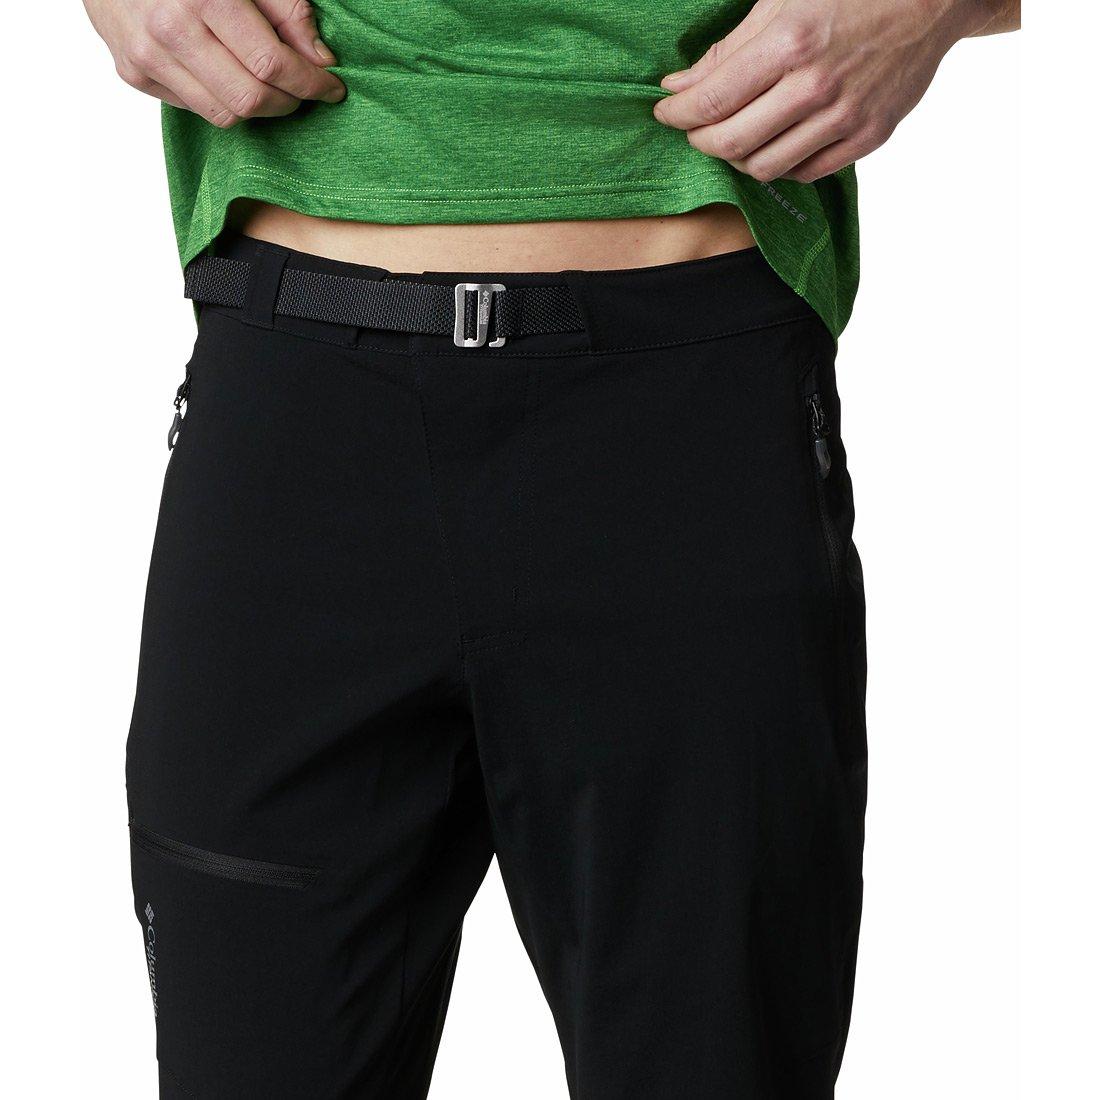 מכנסי טיולים ארוכים לגברים - Titan Pass Pant M - Columbia